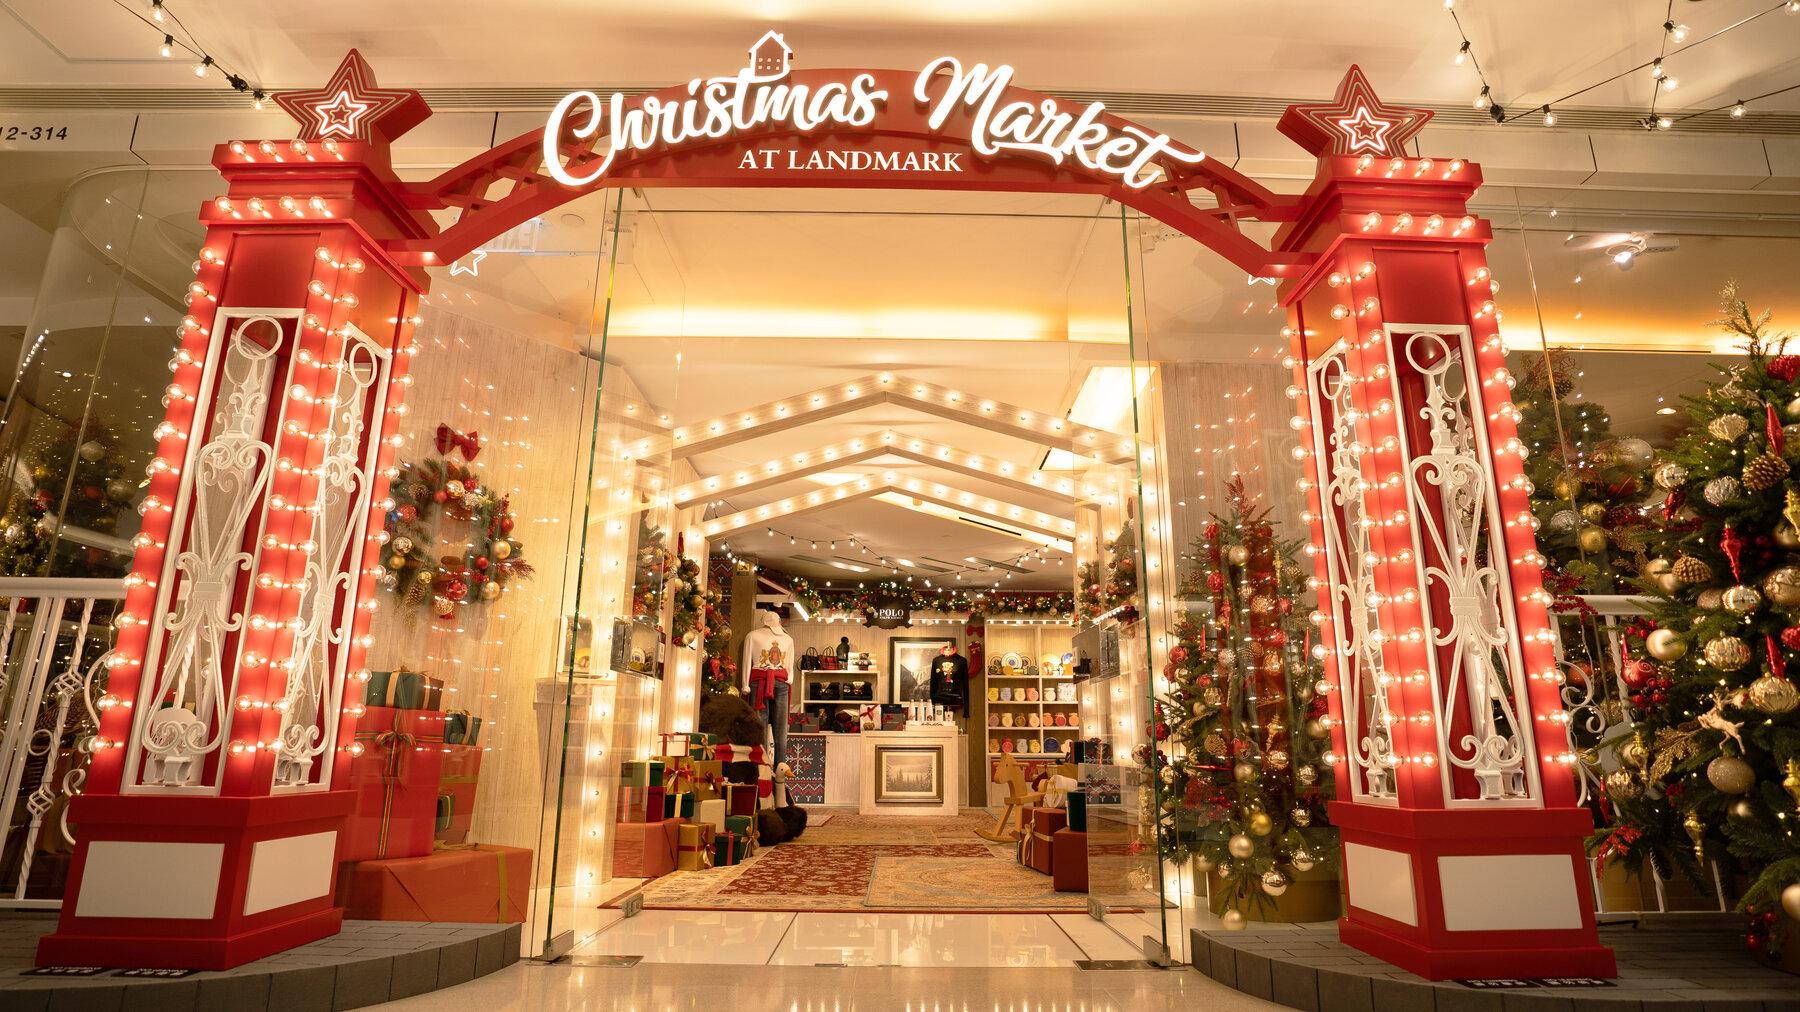 landmark Christmas market facade